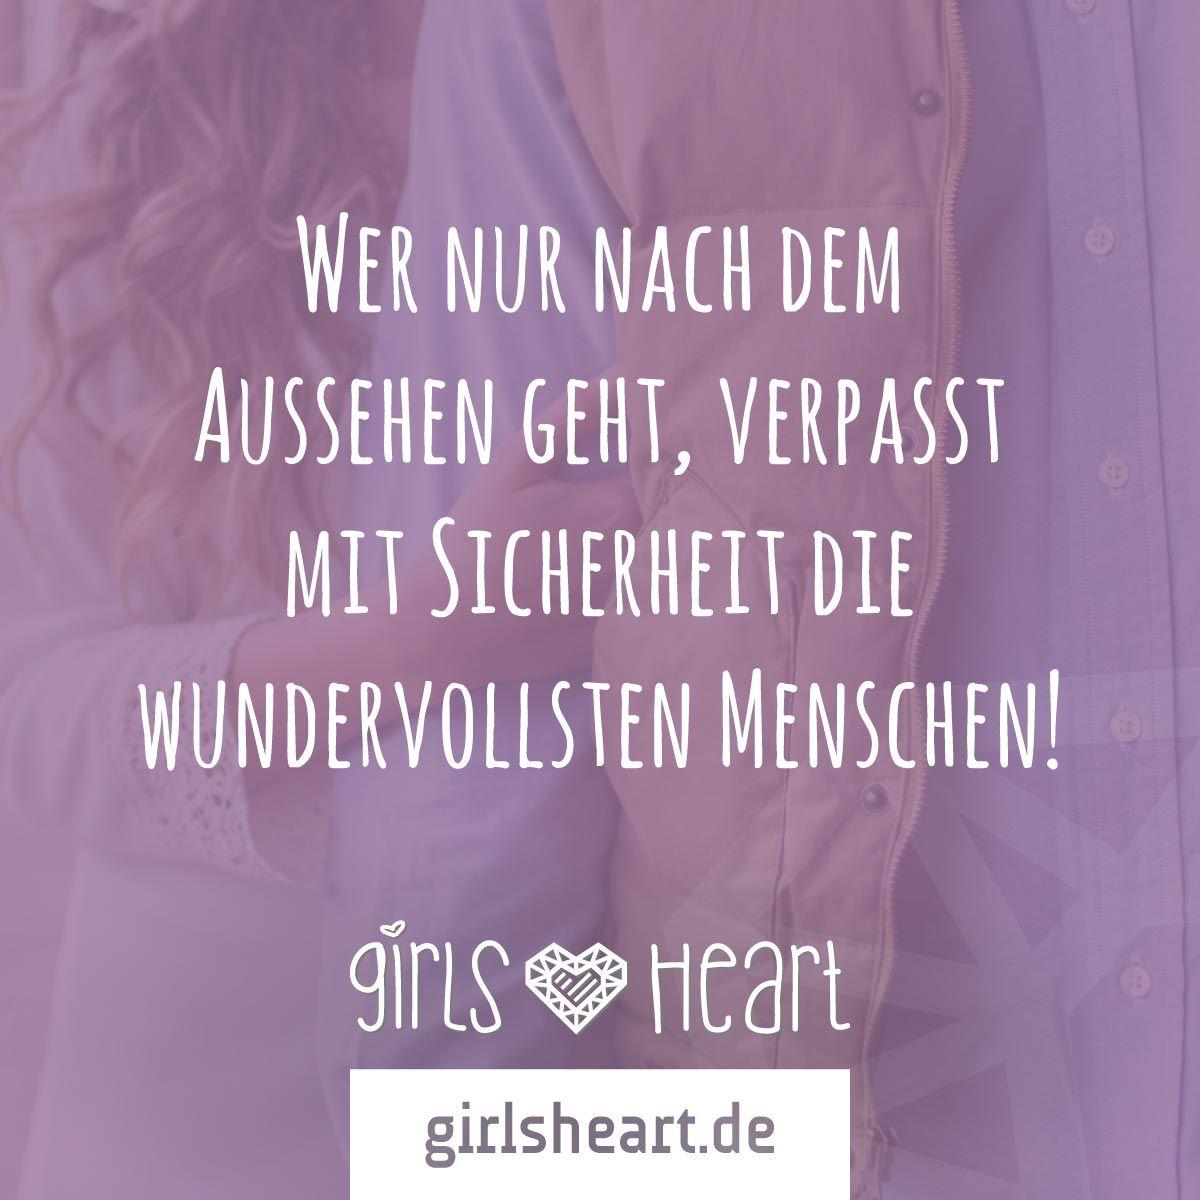 sei stolz darauf, wie du bist! mehr sprüche auf: www.girlsheart.de